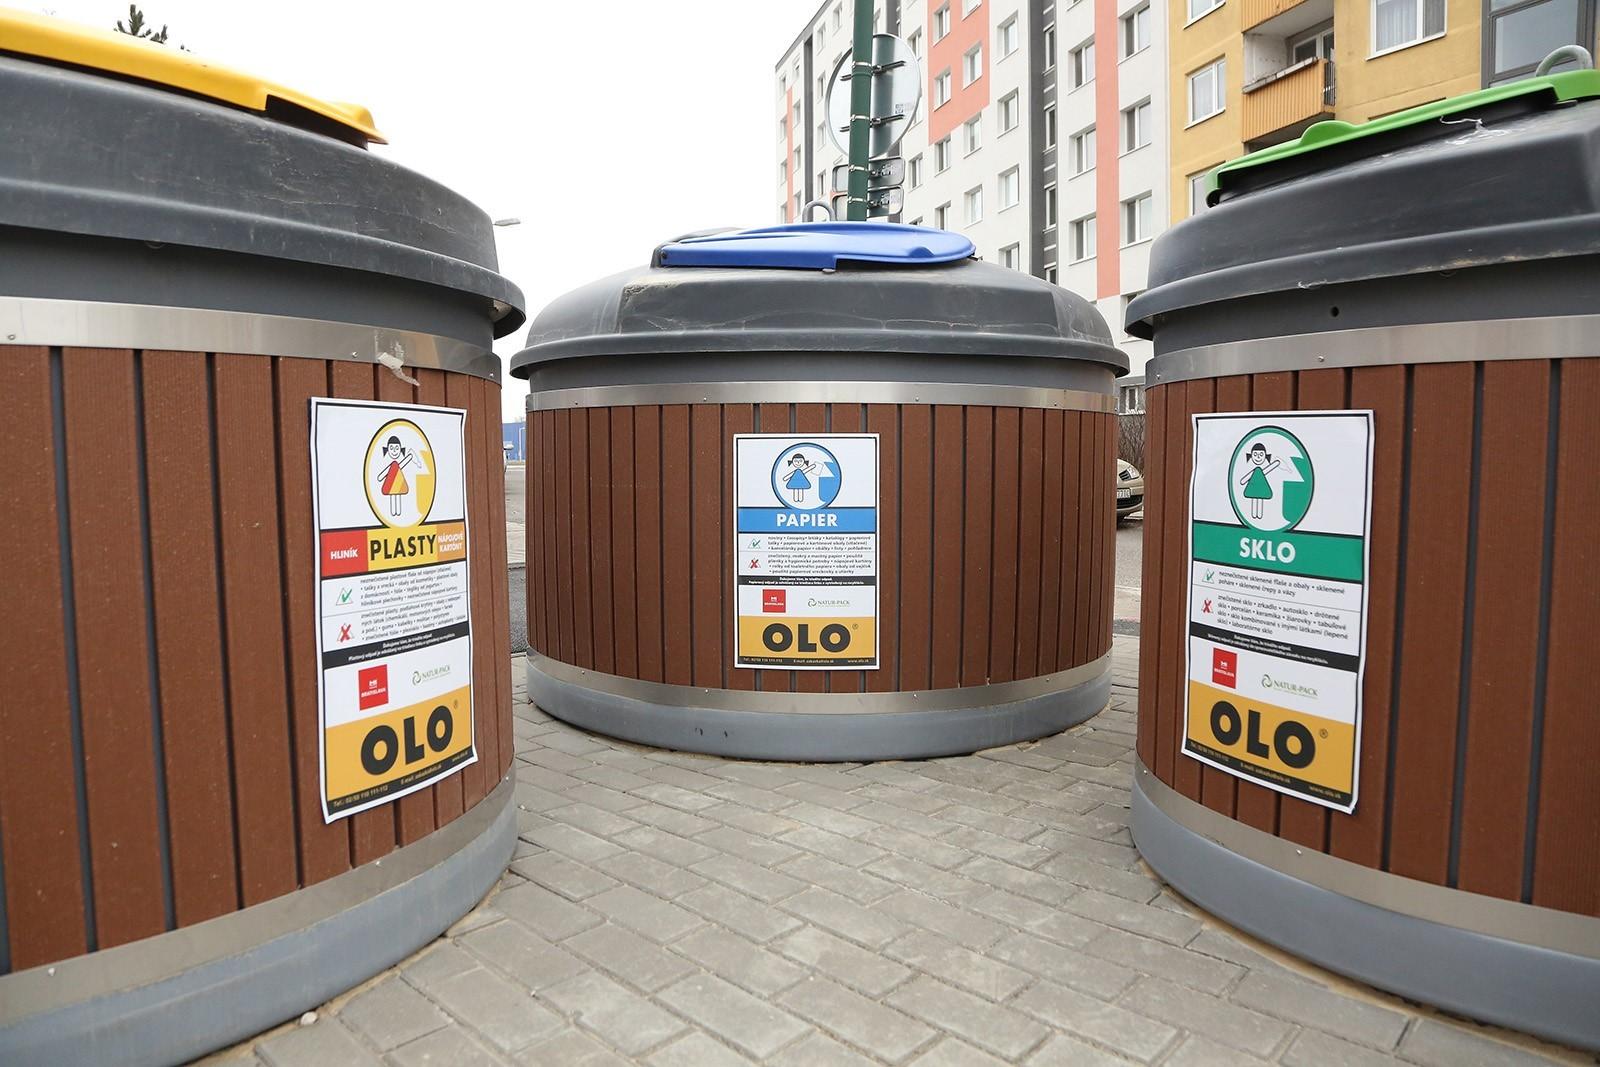 V Bratislave pribudli ďalšie polopodzemné kontajnery. Mestská spoločnosť OLO poskytla na ich vybudovanie finančný príspevok.